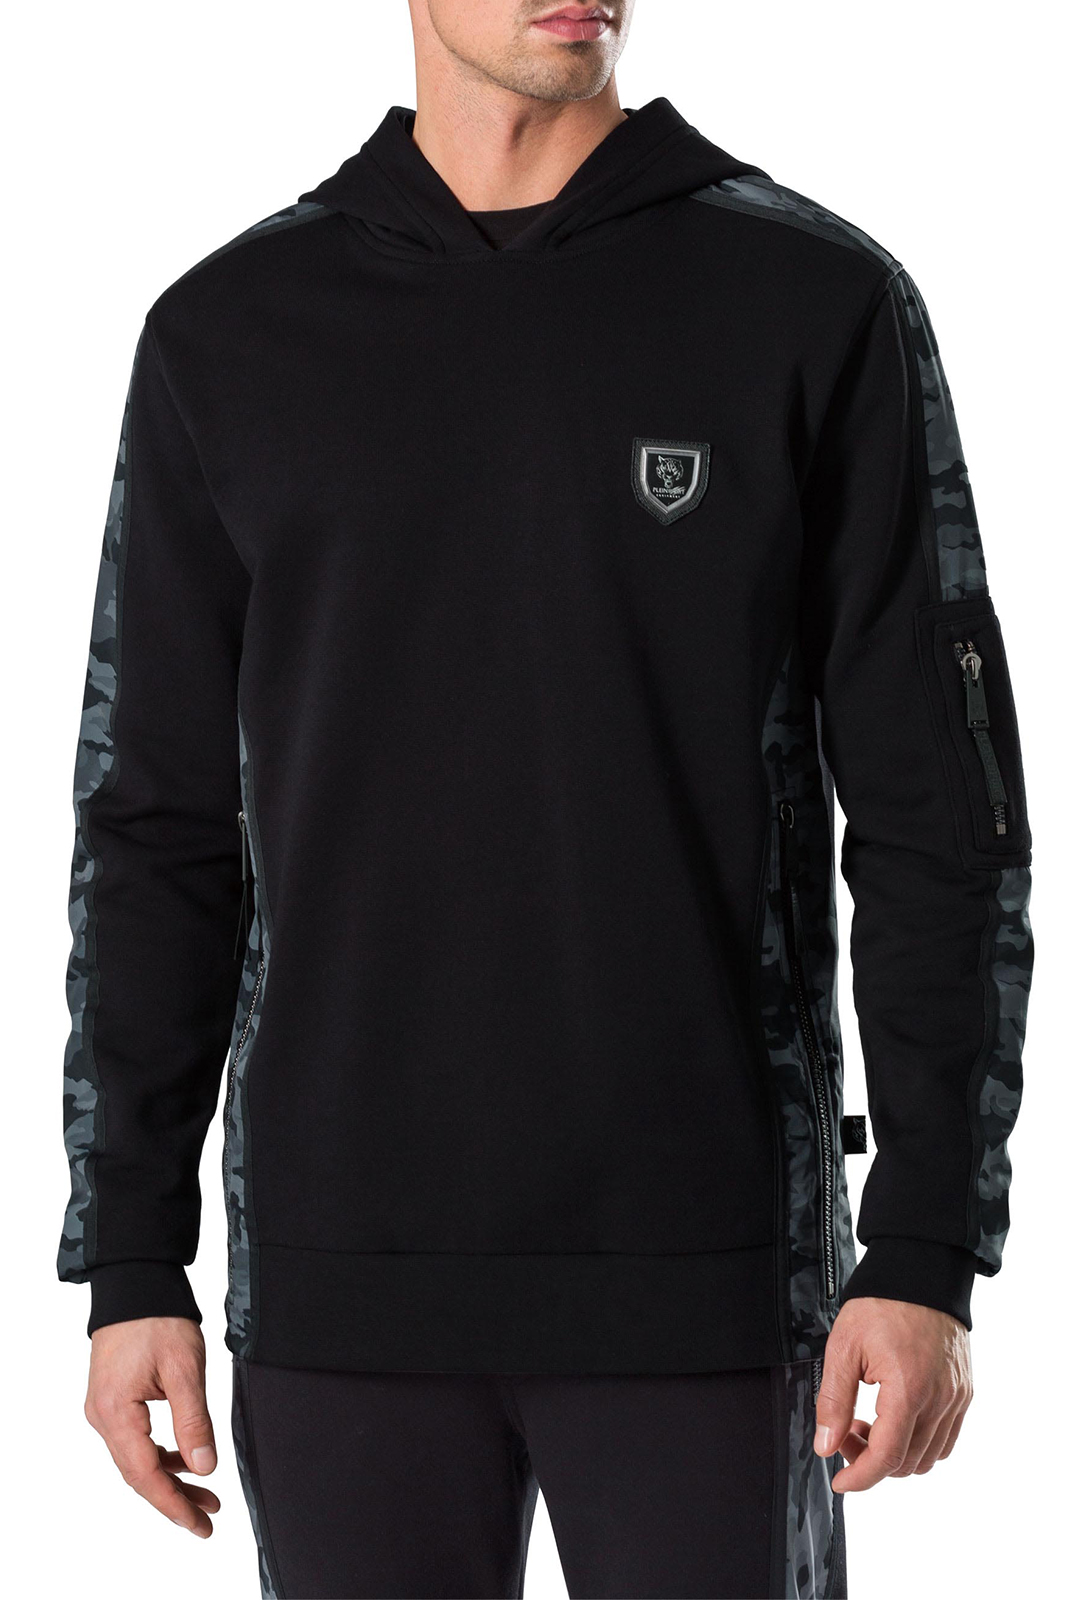 Sweatshirts  Plein Sport P17C MJB0073 0202 BLACK